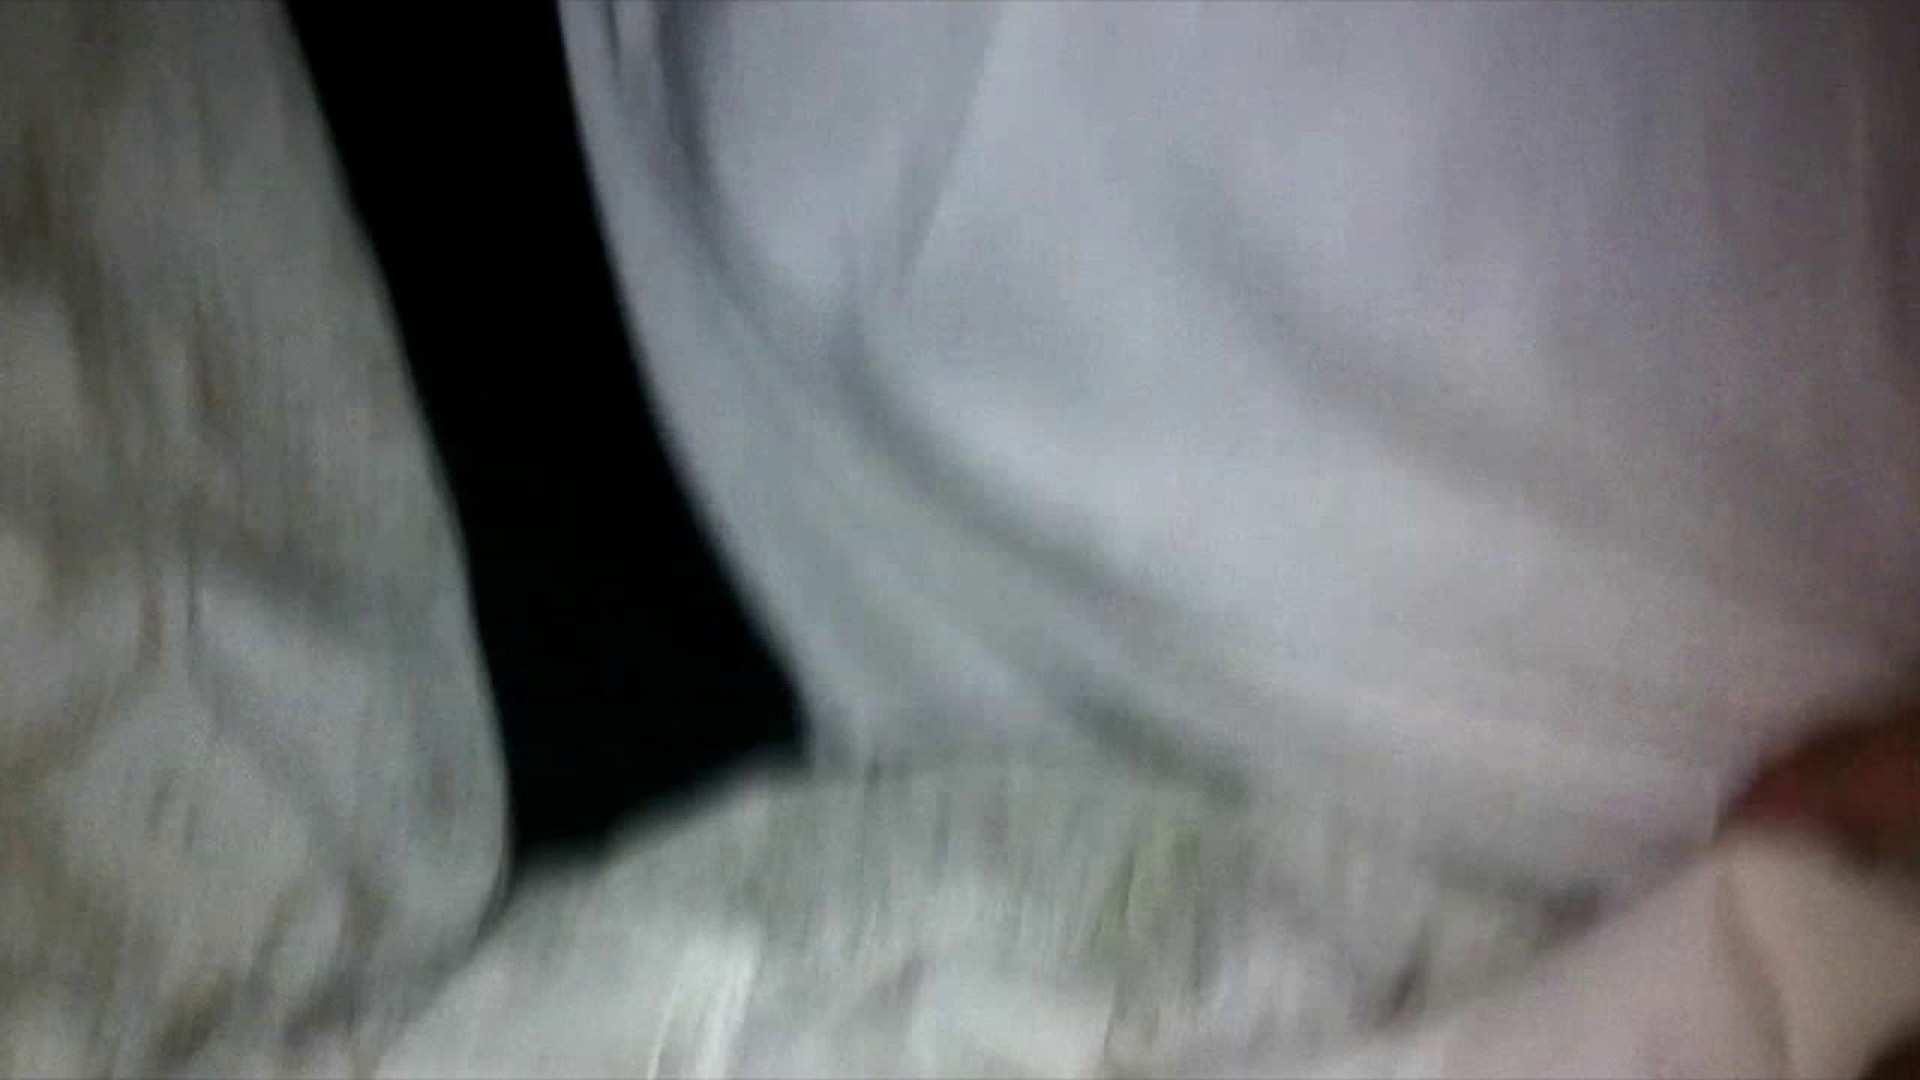 魔術師の お・も・て・な・し vol.17 23歳のヌッチョリな具 ワルノリ AV無料動画キャプチャ 71画像 56